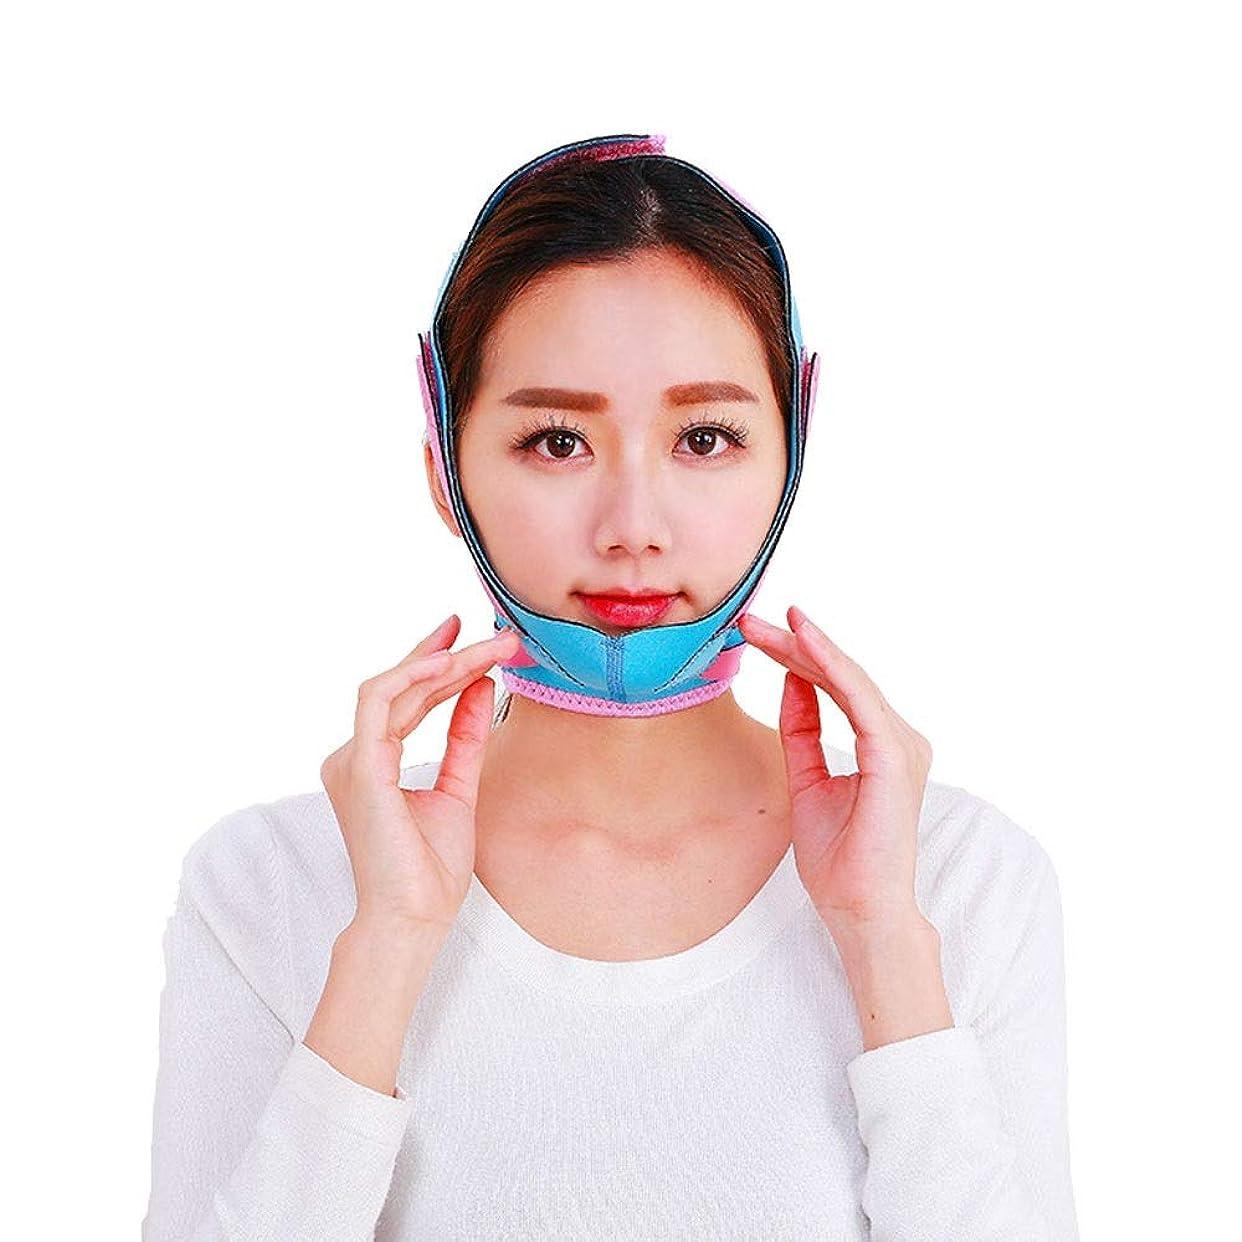 避けられない手紙を書くクラシックJia Jia- フェイスマスクマスクスリムマスクリフティングコンターリリーフドループマッスル引き締め肌弾性Vフェイス包帯 顔面包帯